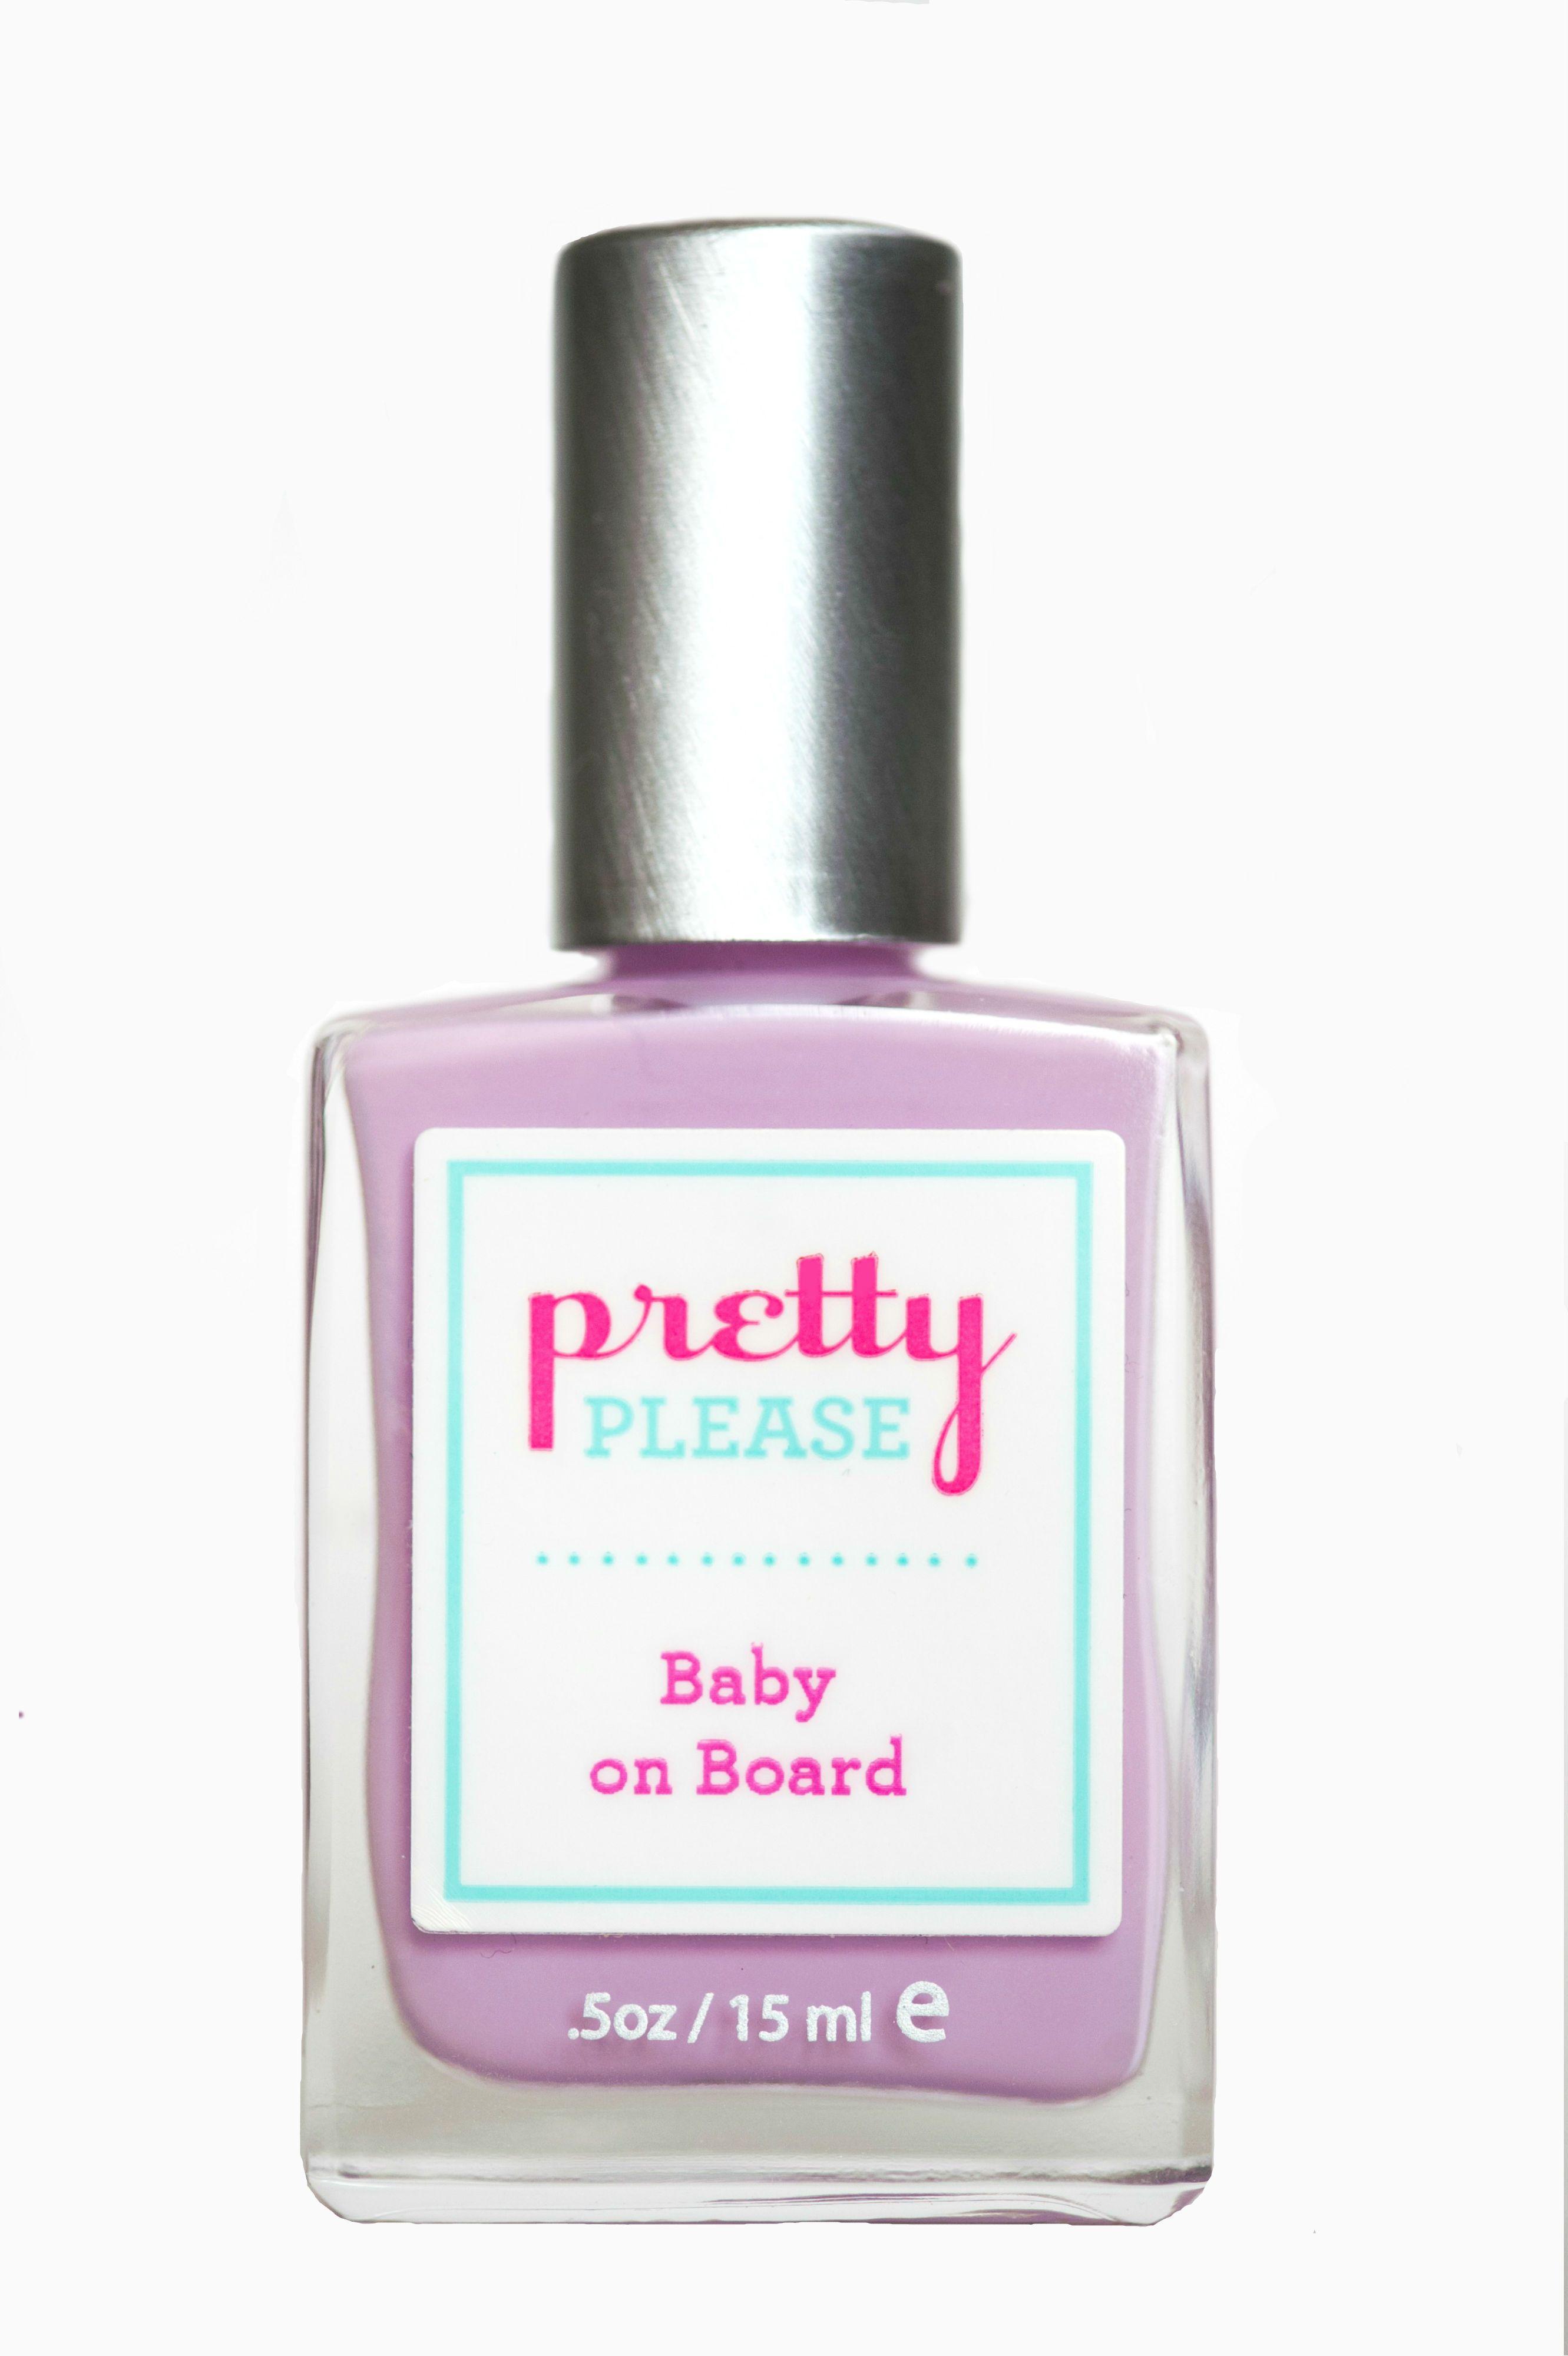 Baby on board prettypleasepolish nameyourpolish